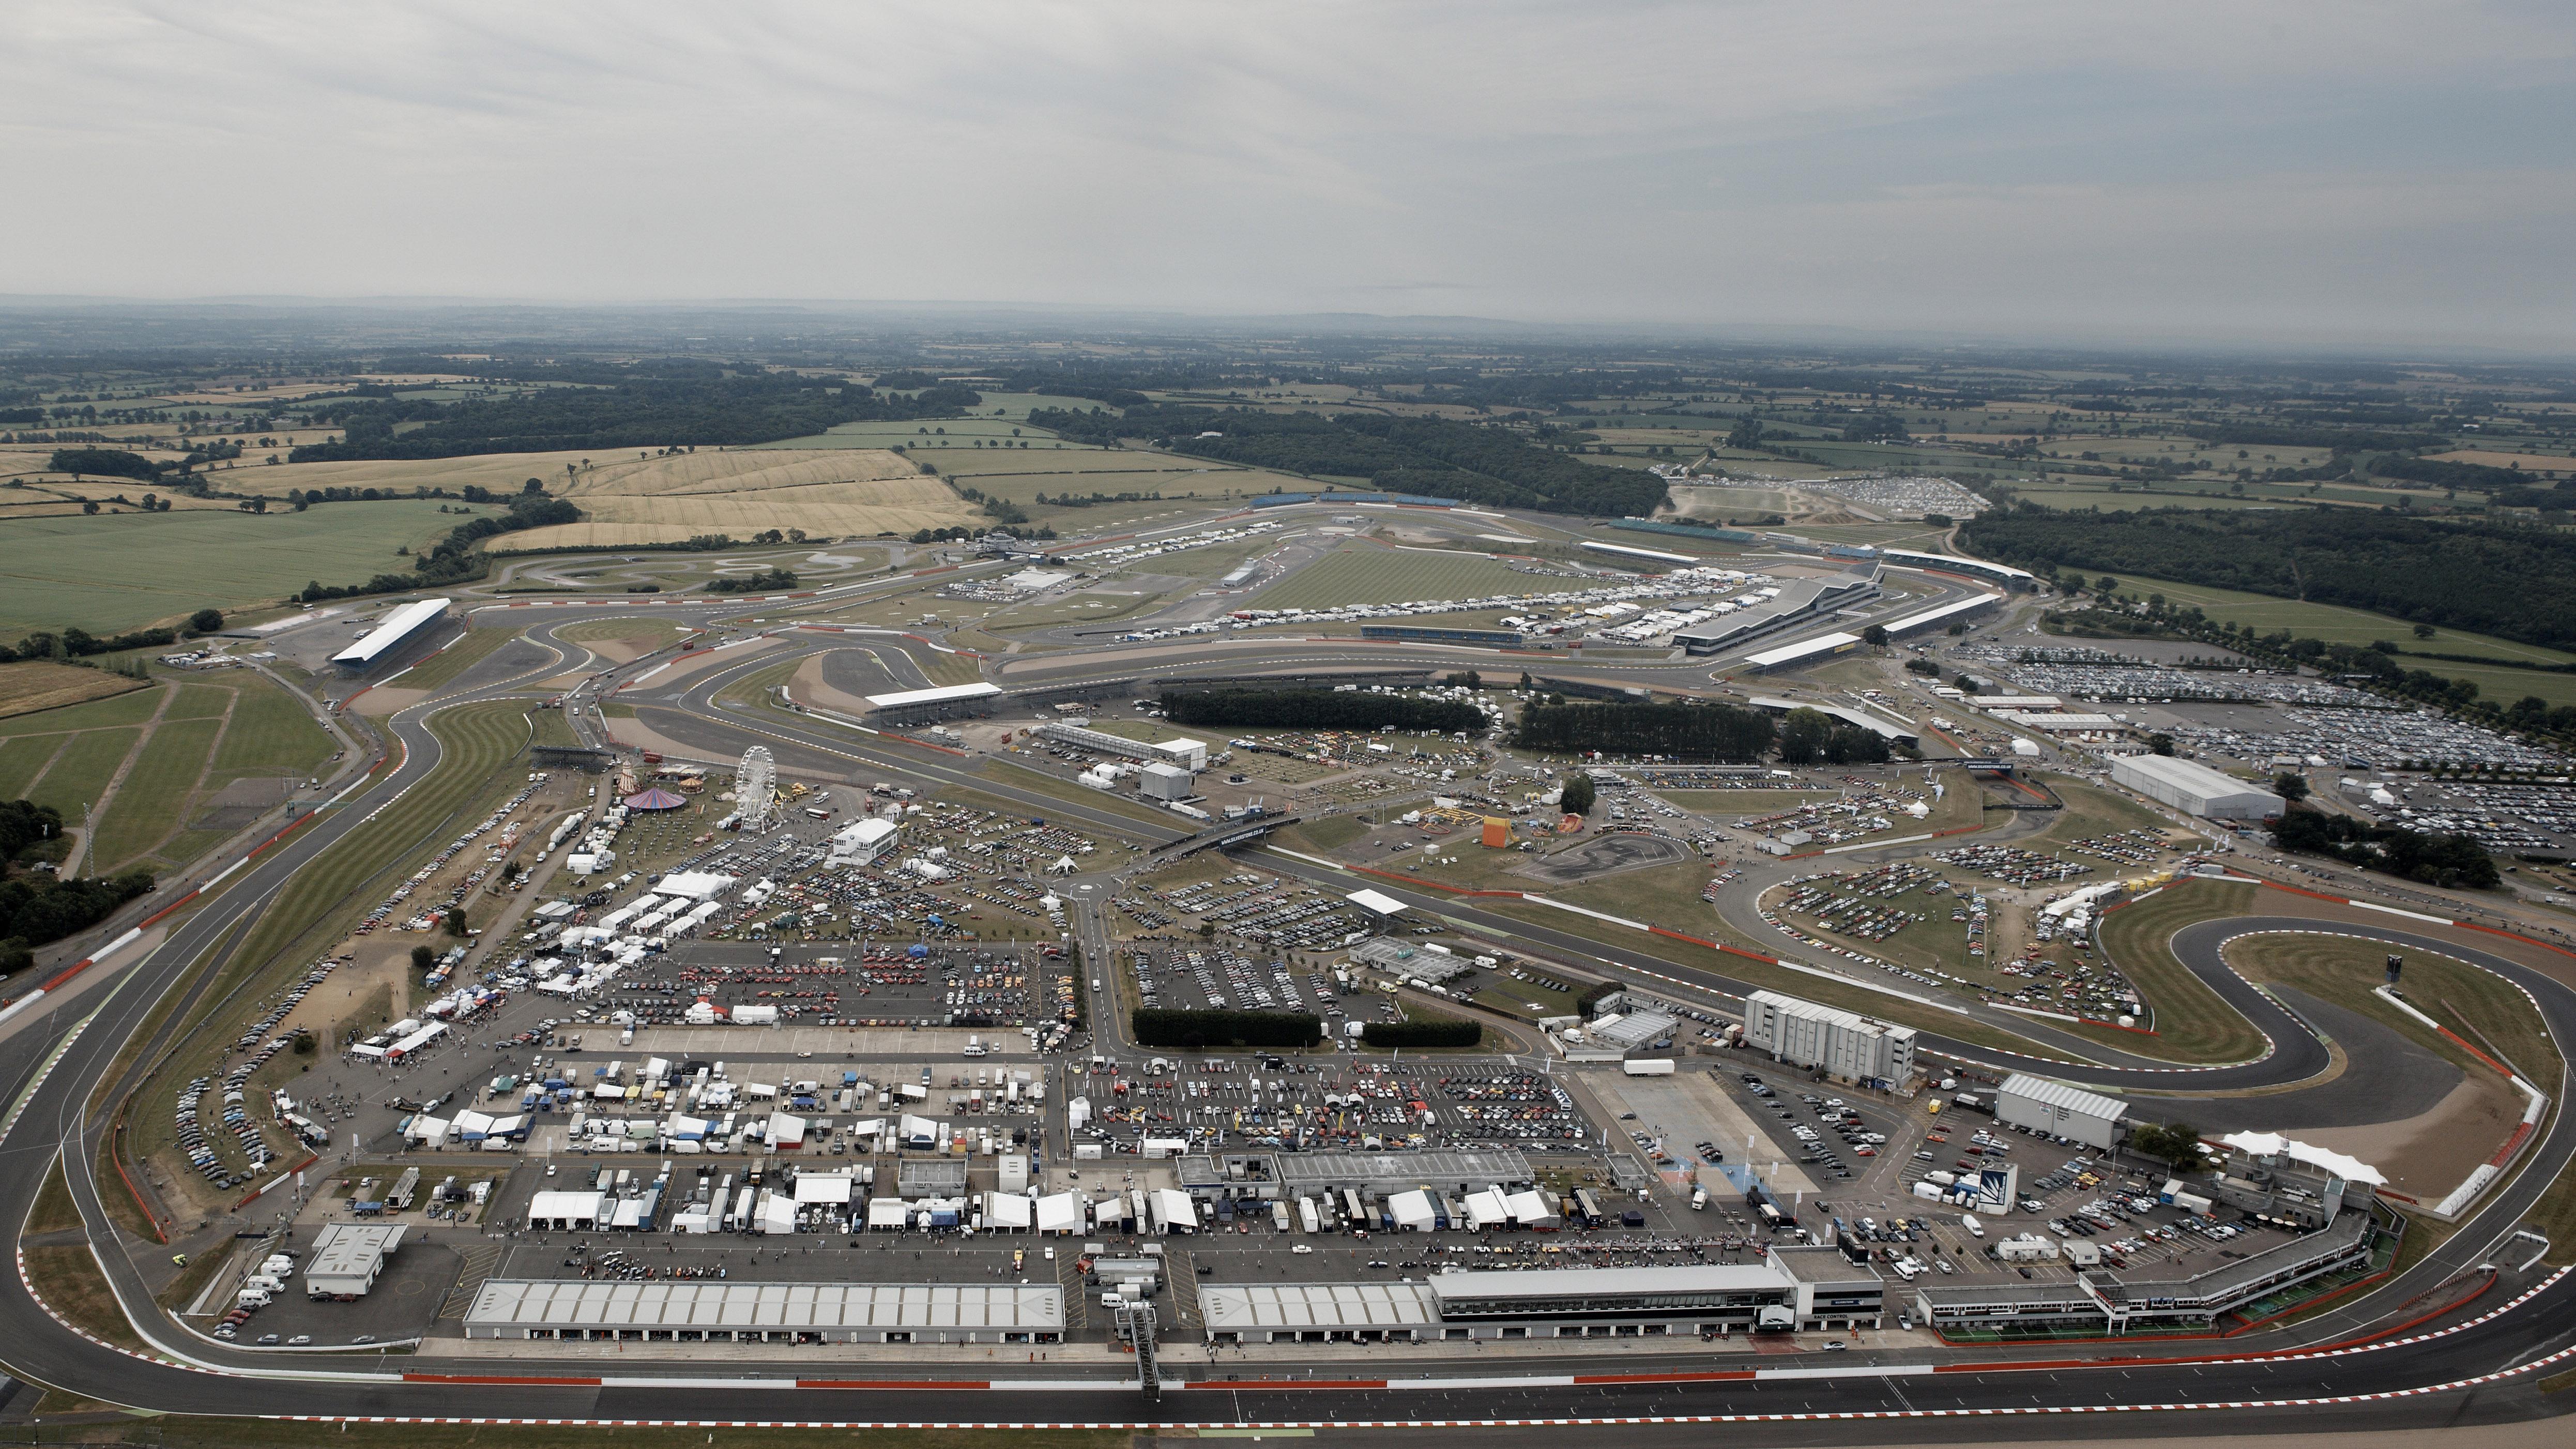 Silverstone GP over head